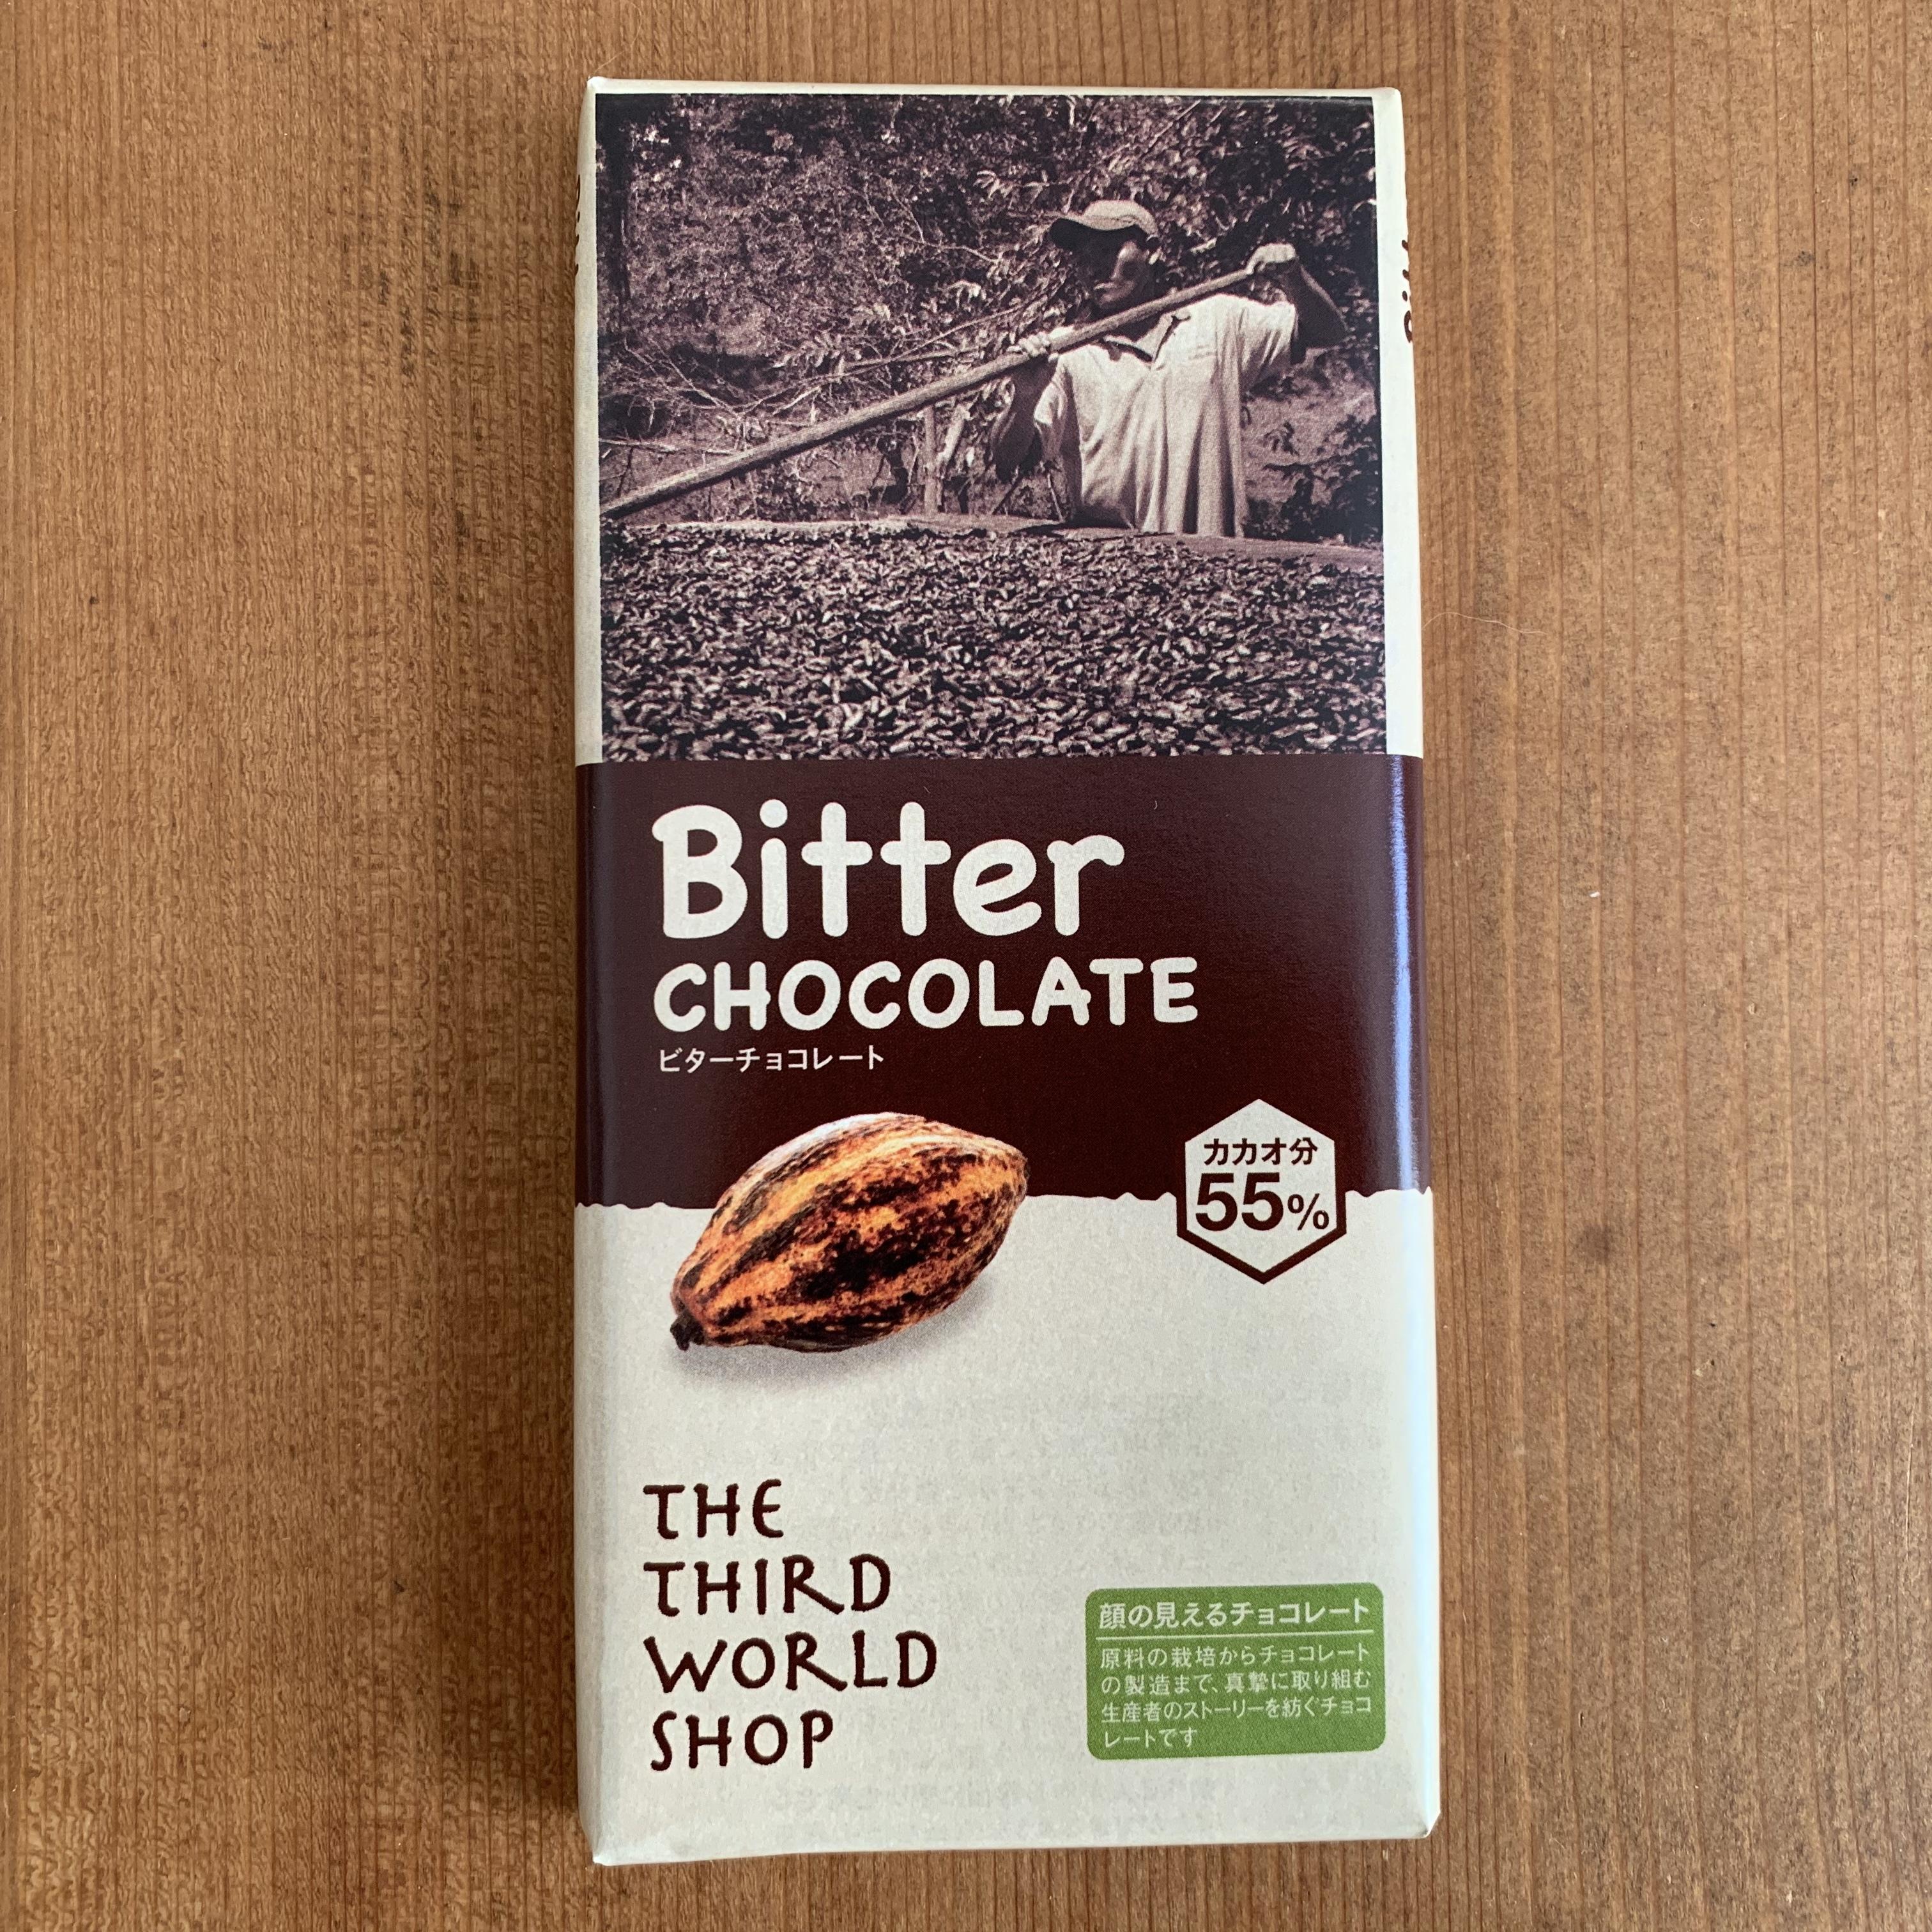 フェアトレードチョコレート ビター 【乳化剤・白砂糖不使用】